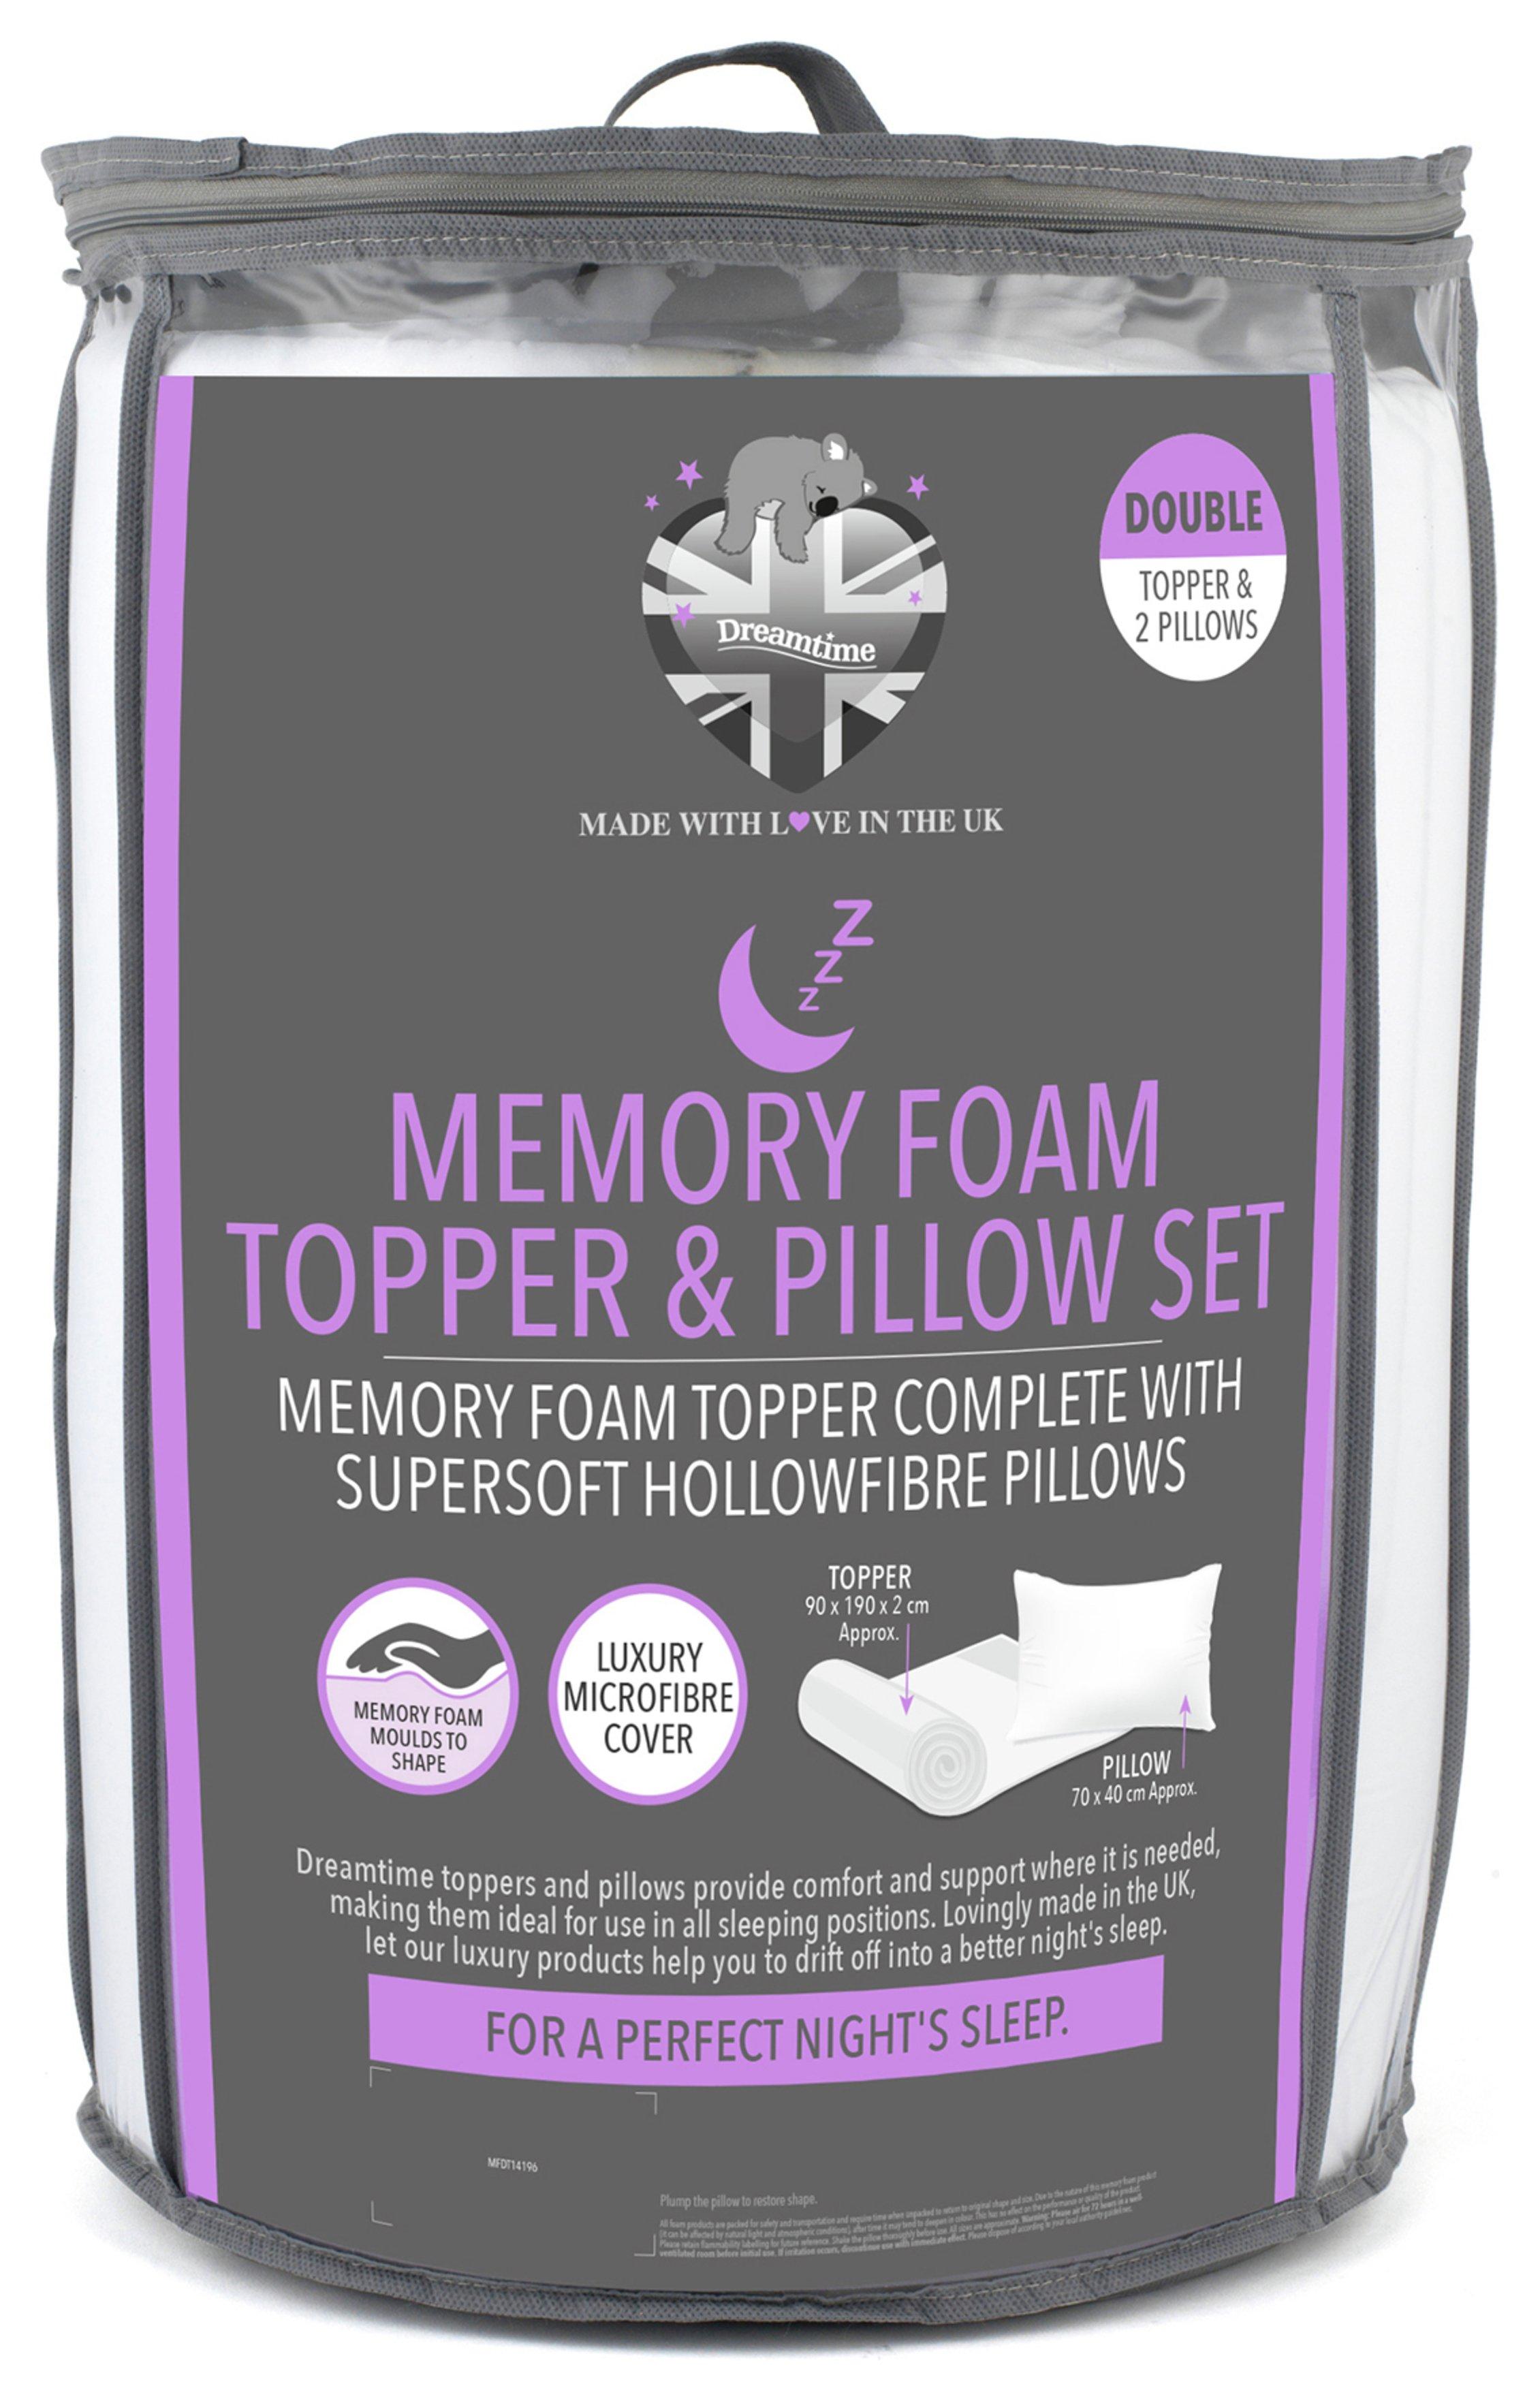 Memory foam mattress topper & pillow set - £36.63 @ Argos